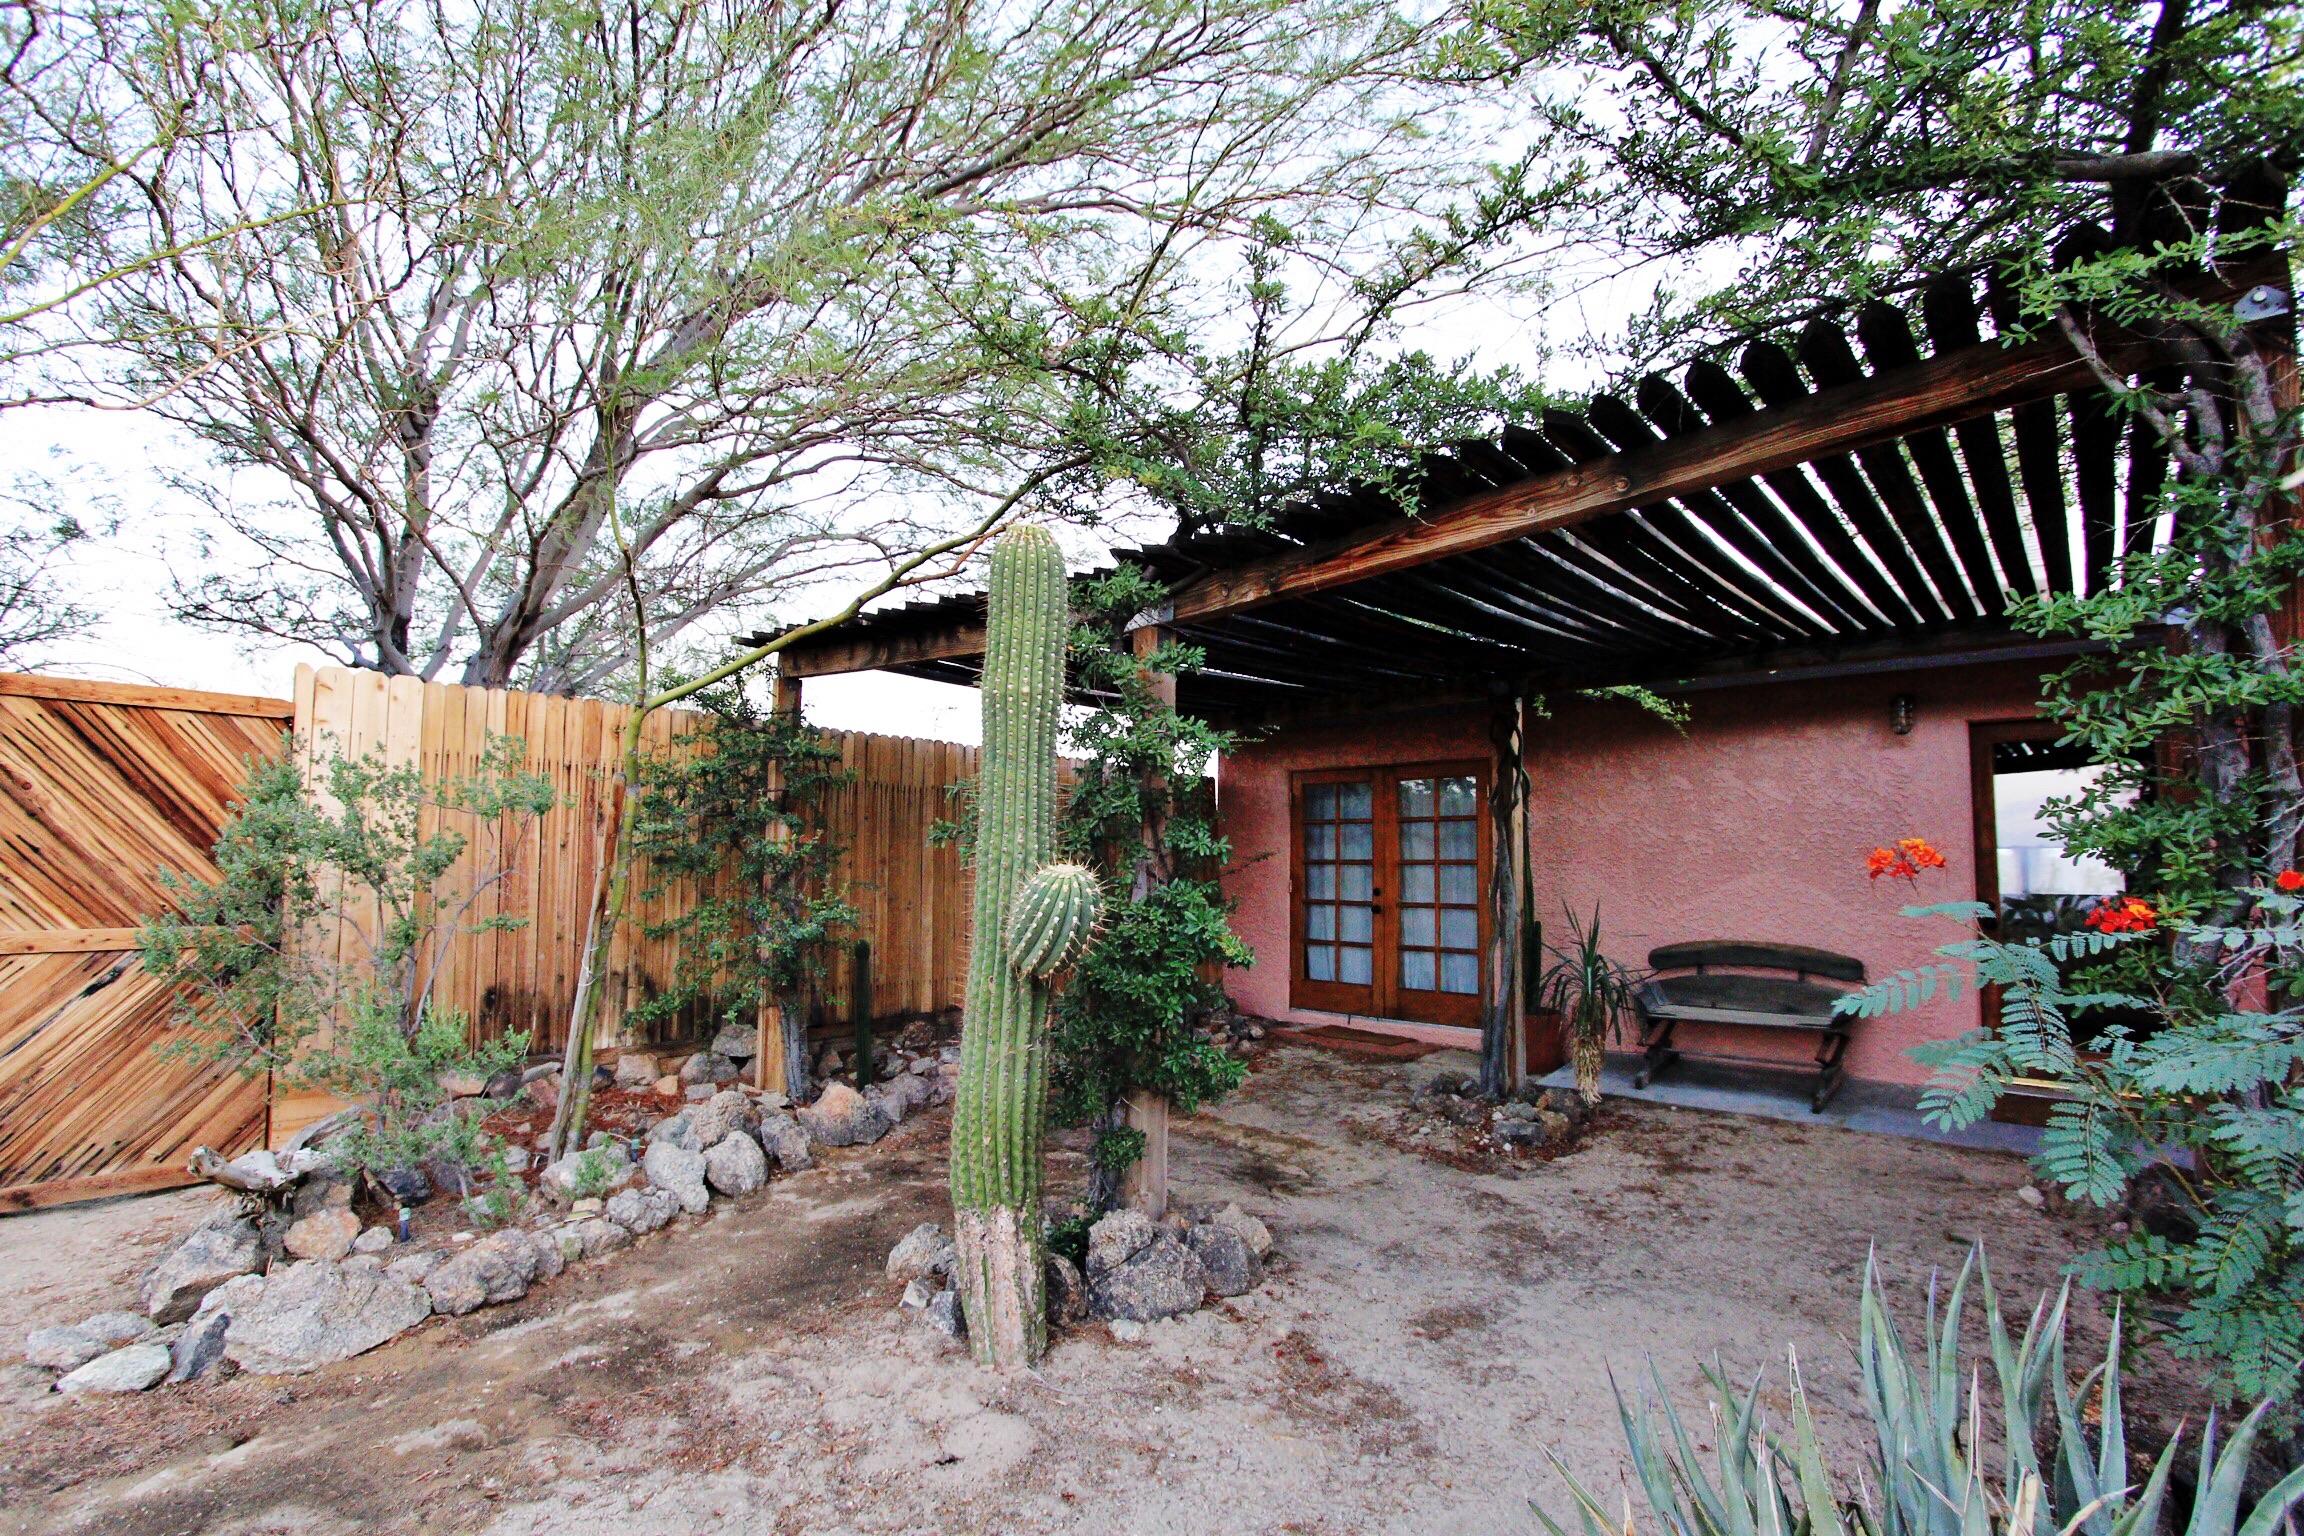 Our desert backyard for a few days